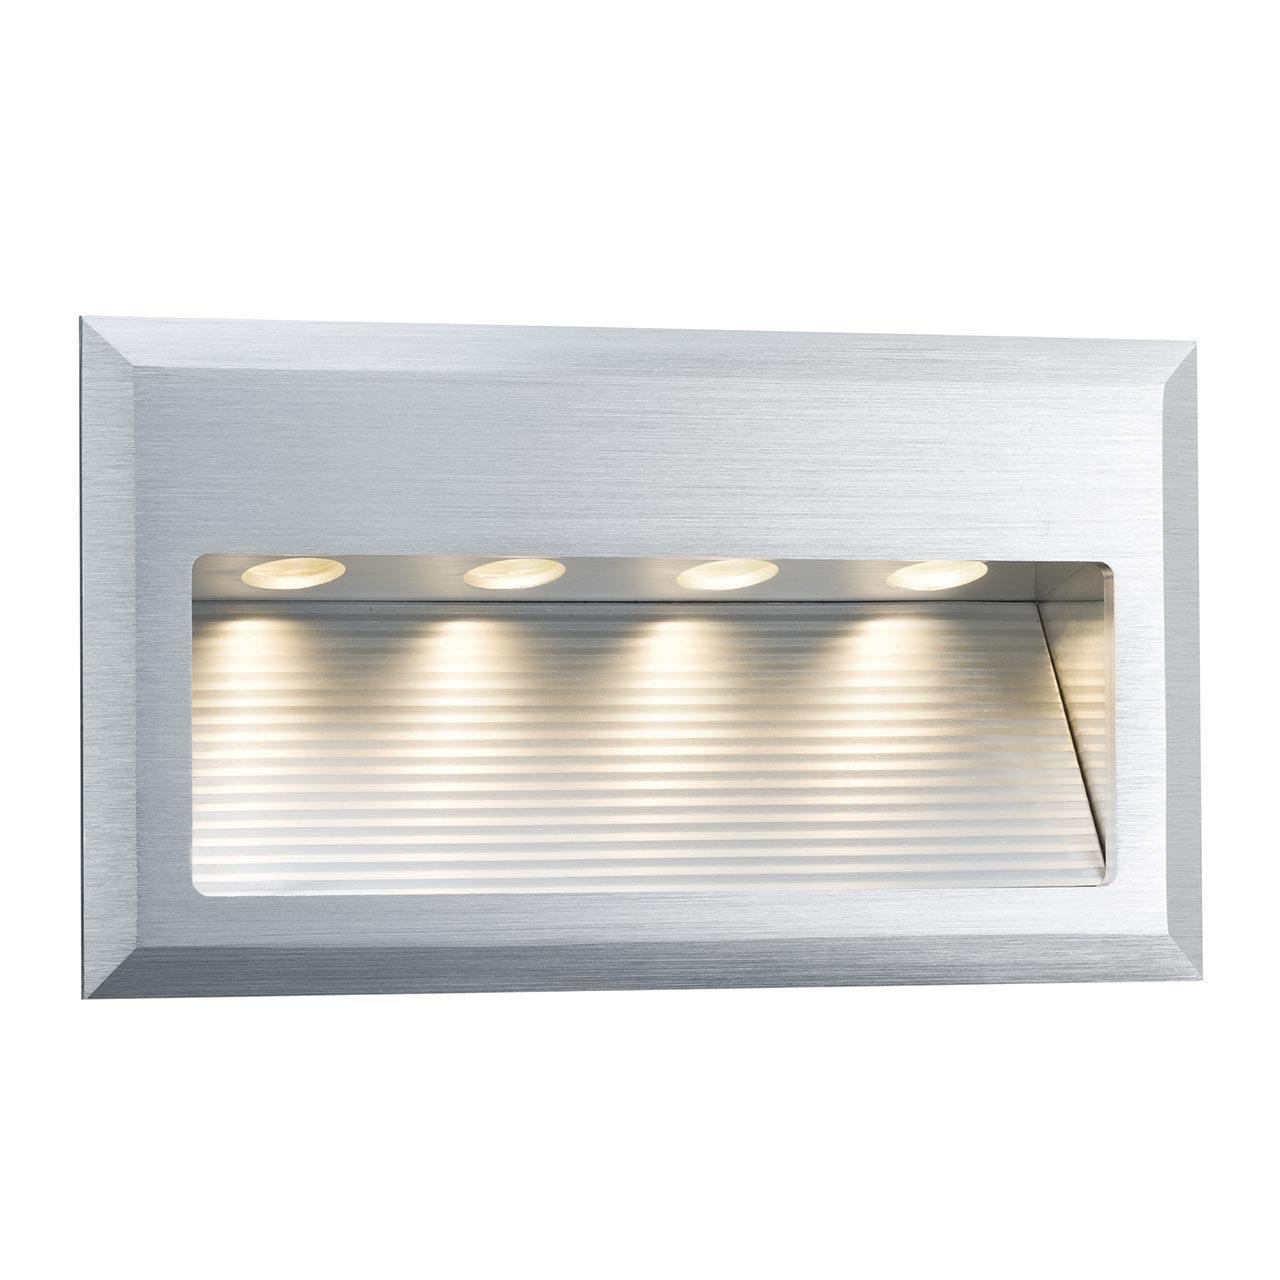 Купить Встраиваемый светодиодный светильник Wall Led Cross серого цвета, inmyroom, Германия